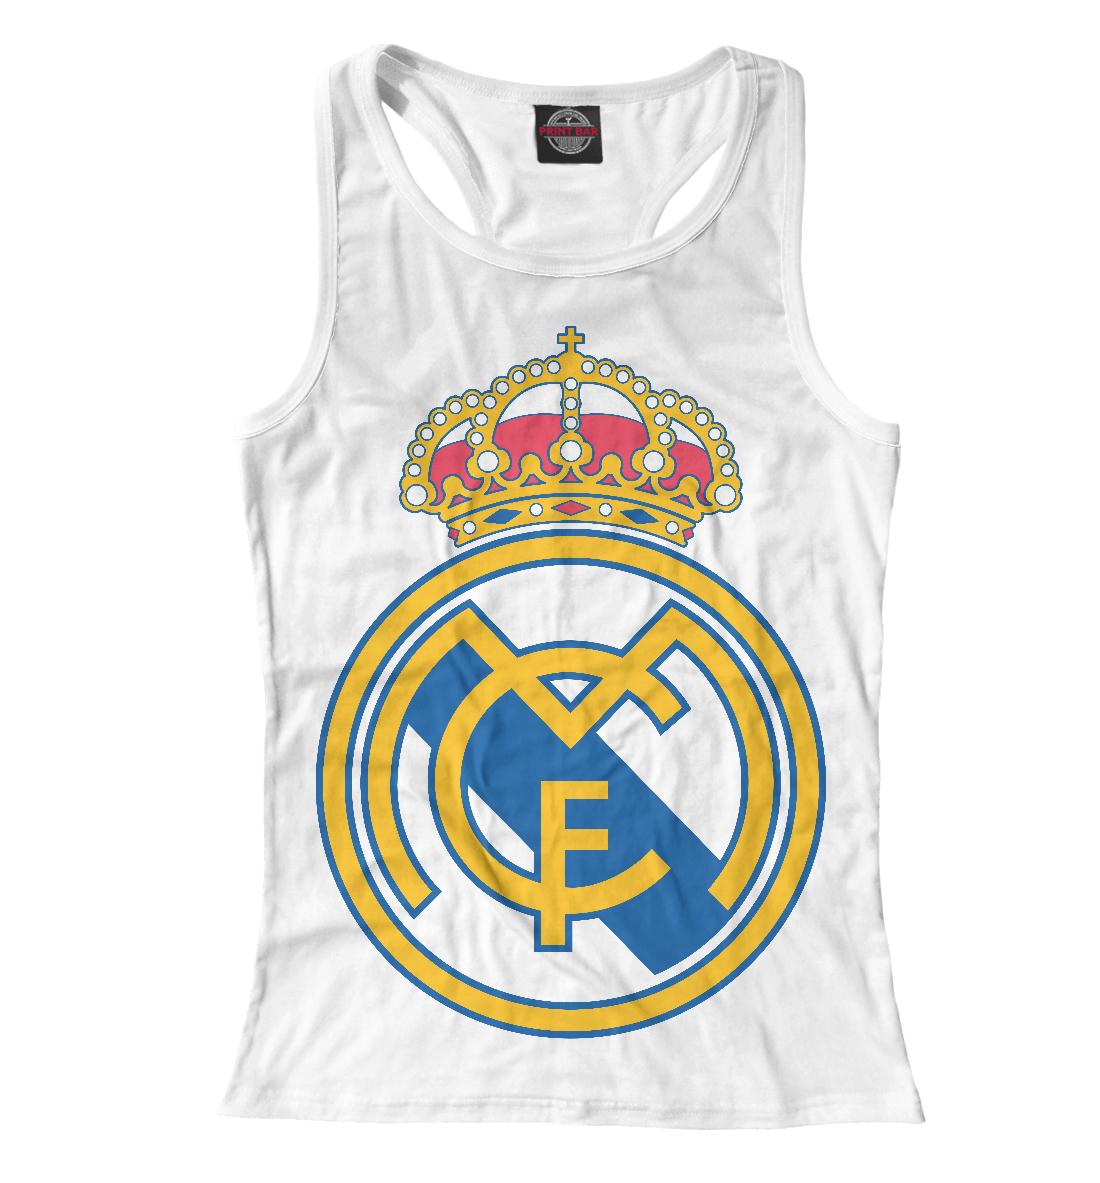 Купить Реал Мадрид, Printbar, Майки борцовки, REA-630152-mayb-1